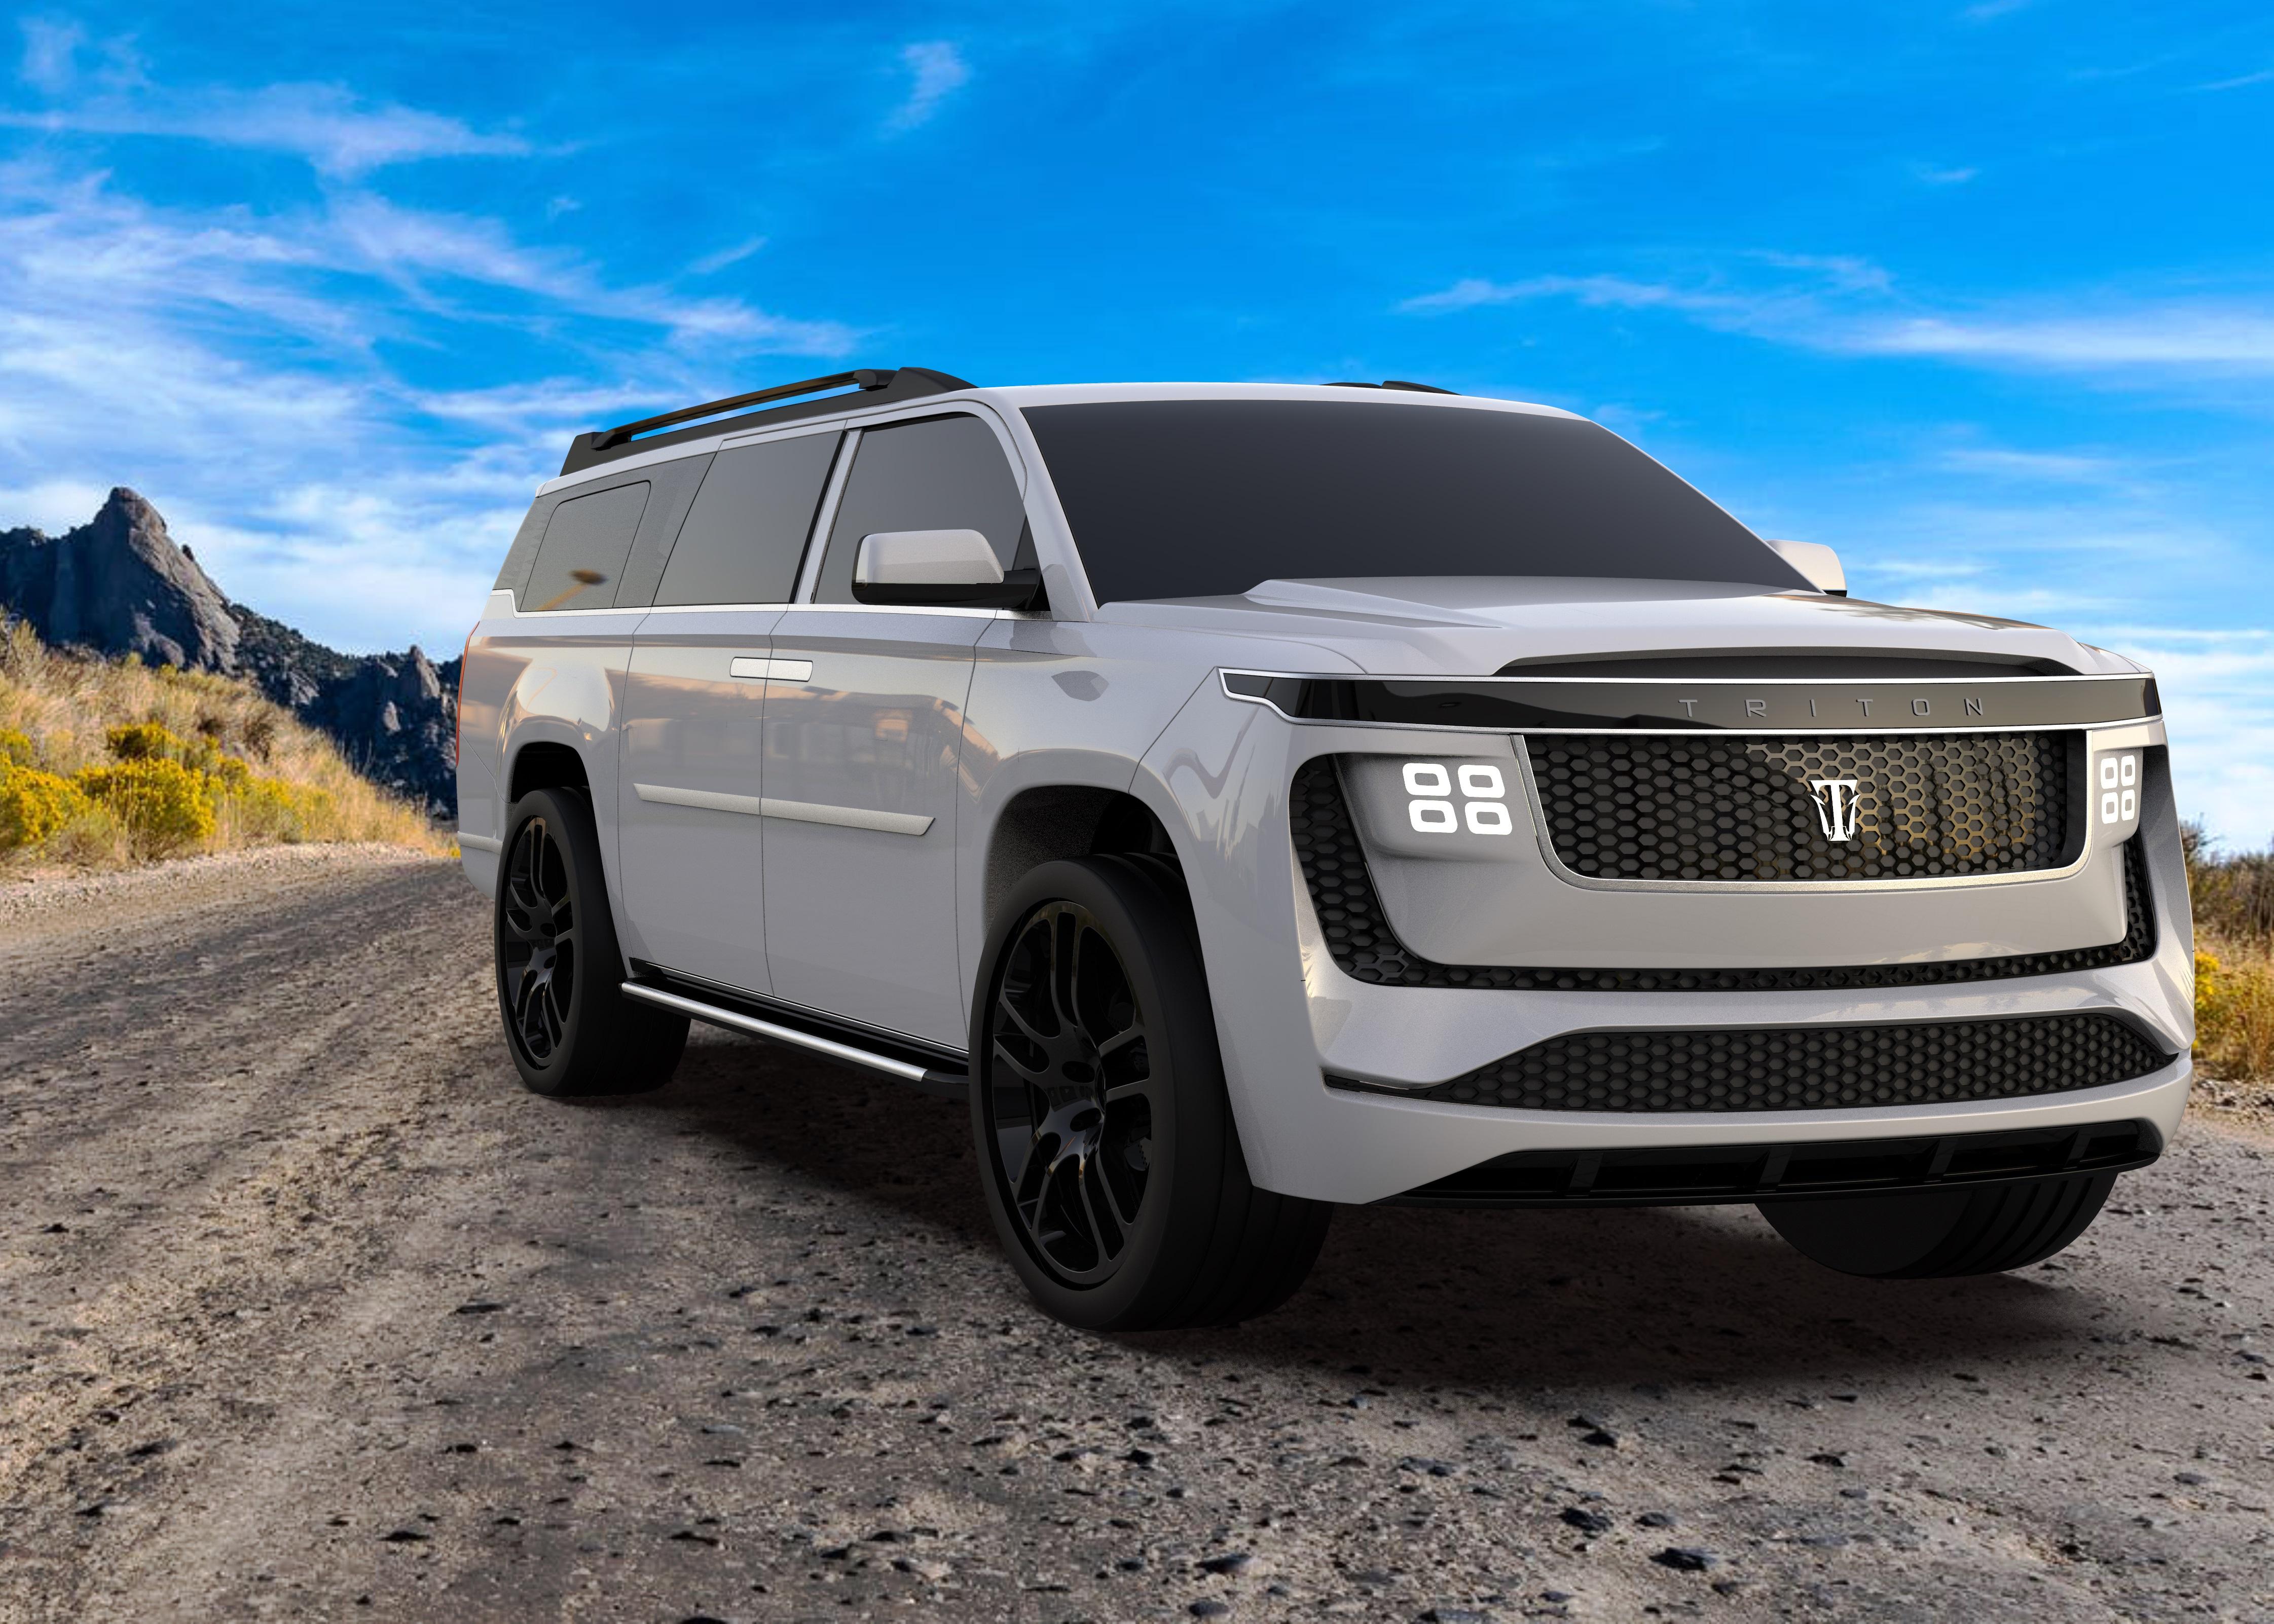 Triton SUV Launches, EV with 700-Mile Range